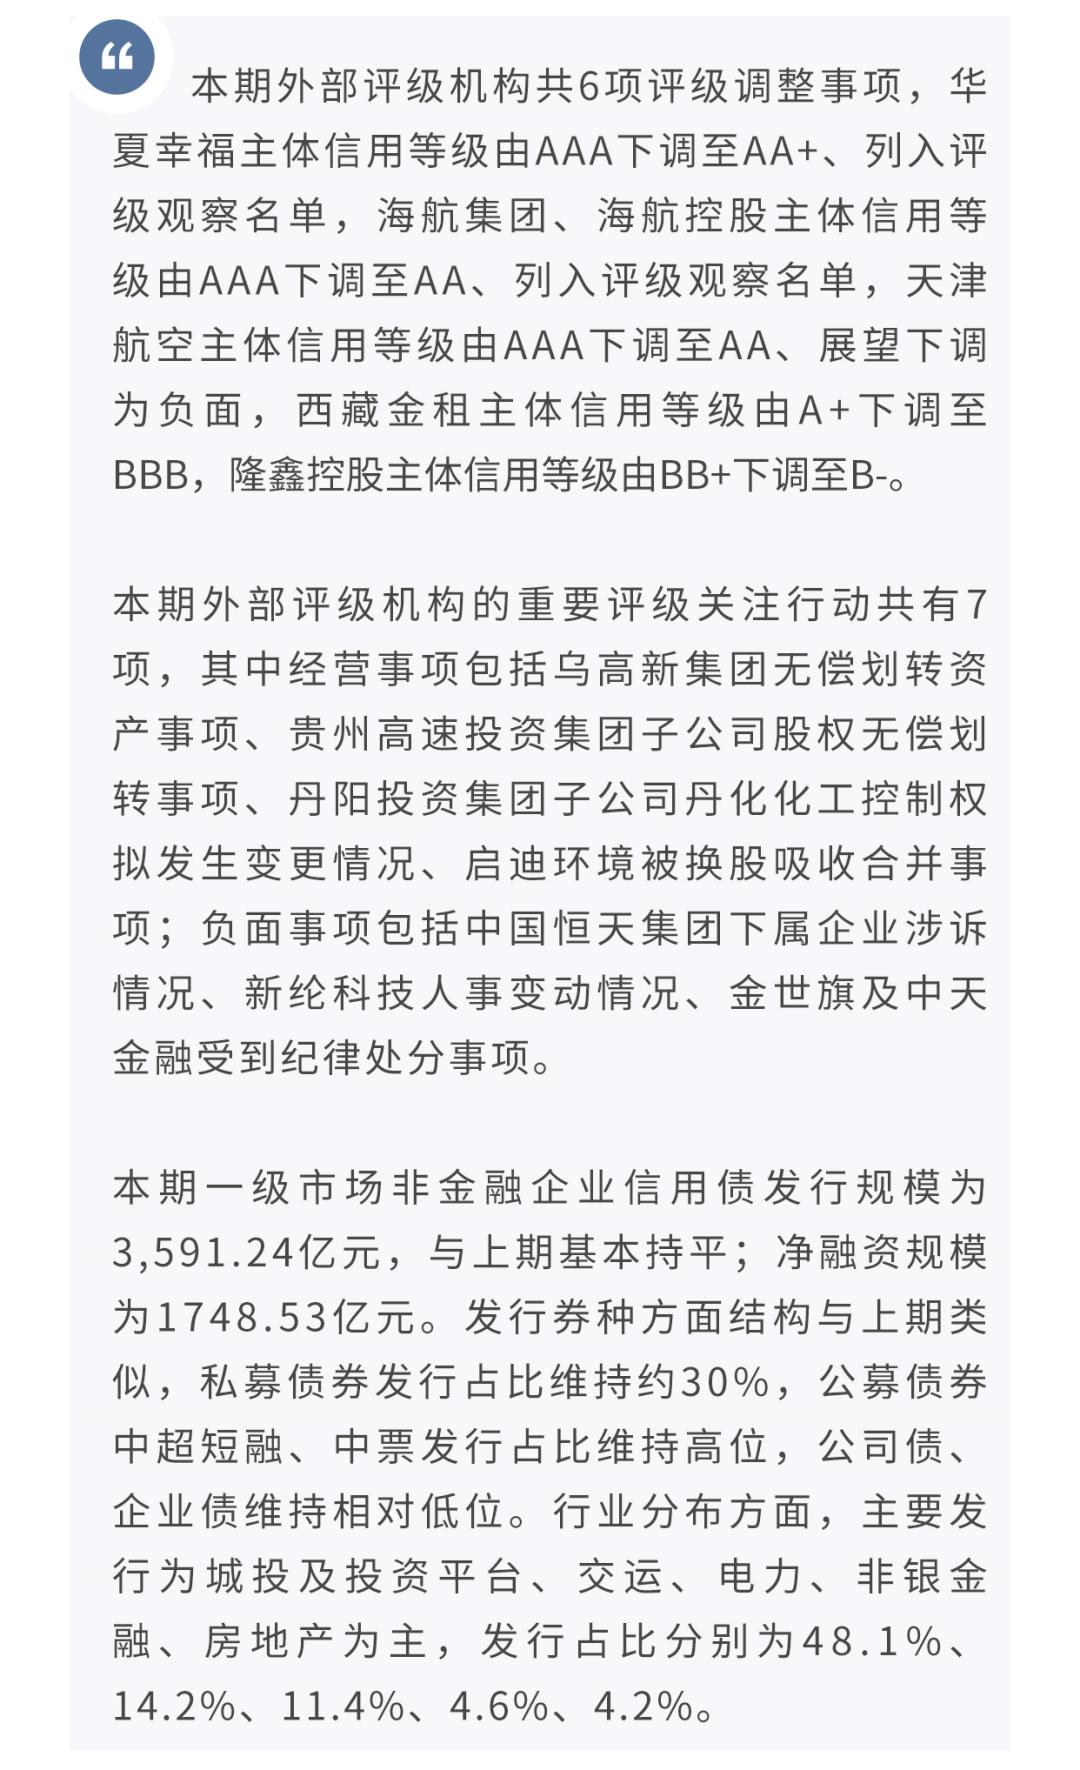 【信用】兴业研究信用观察周报(第48期)2021.1.25—2021.1.31